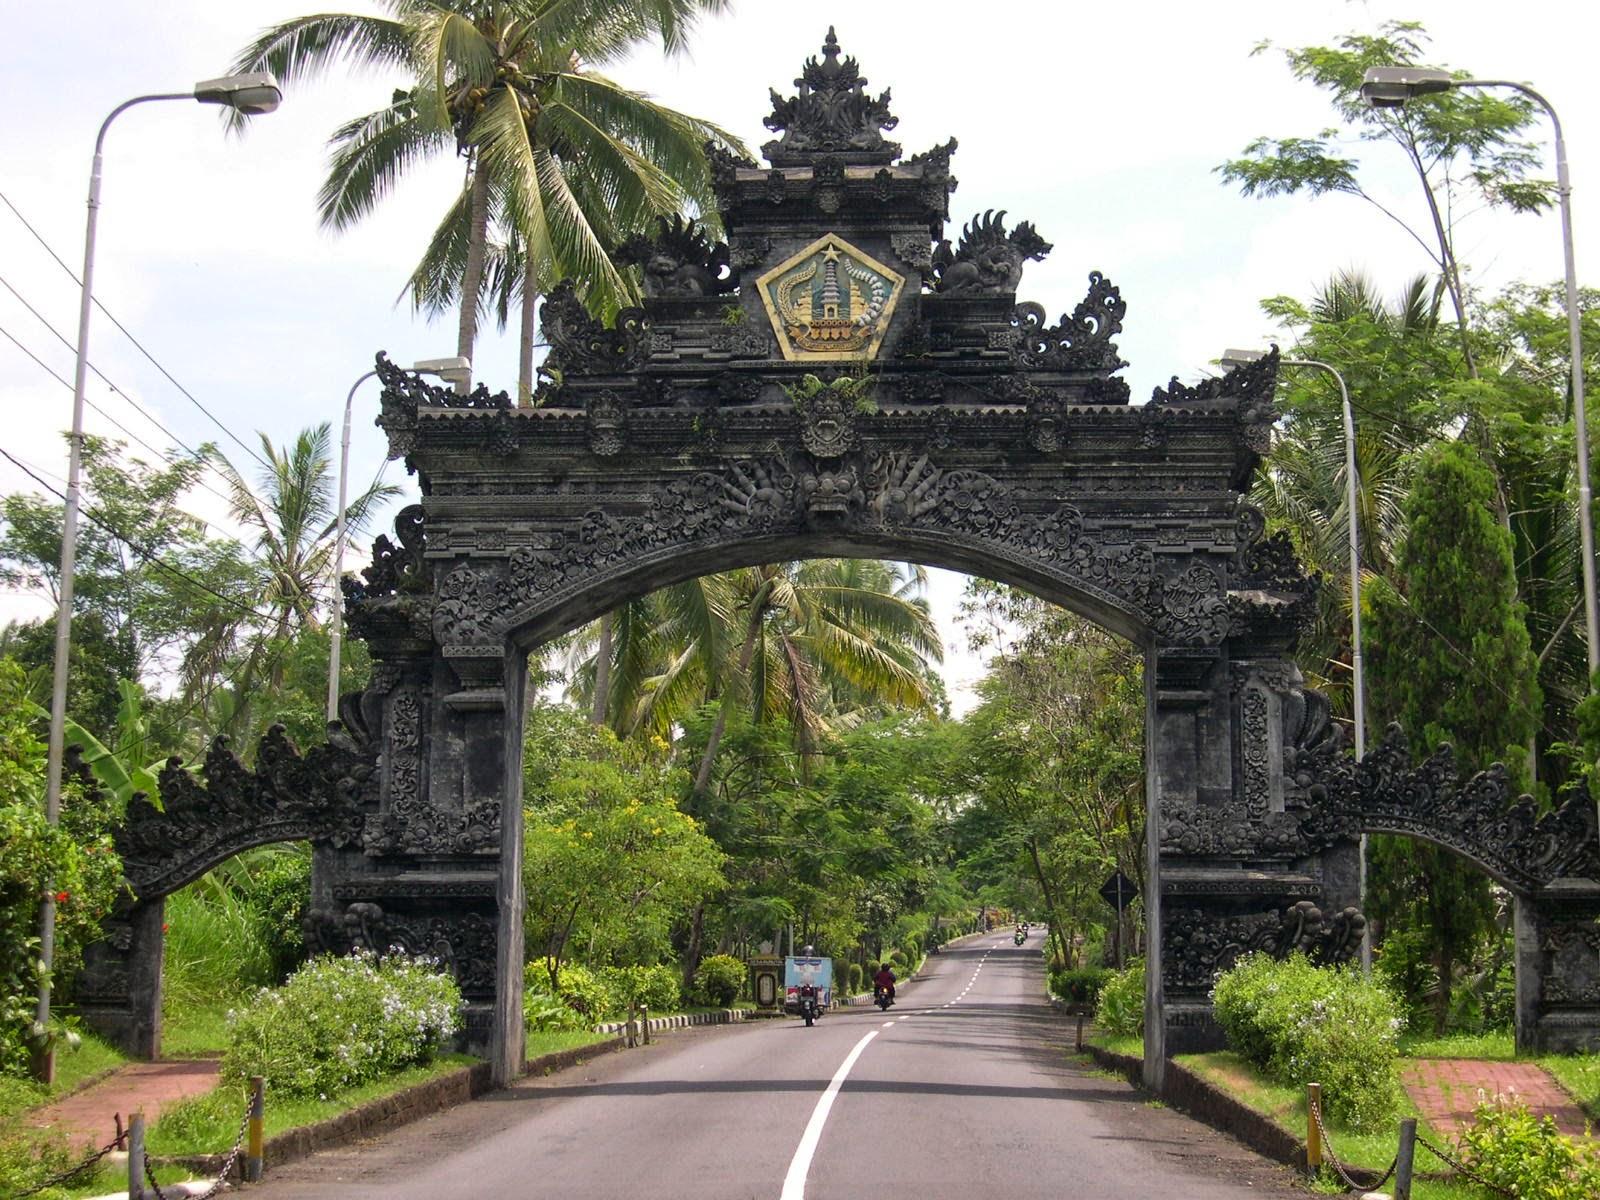 4 Tempat Istimewa di Bangli Bali Ini Bisa Dijadikan Objek untuk Anda yang Bosan dengan Pemandangan Kota